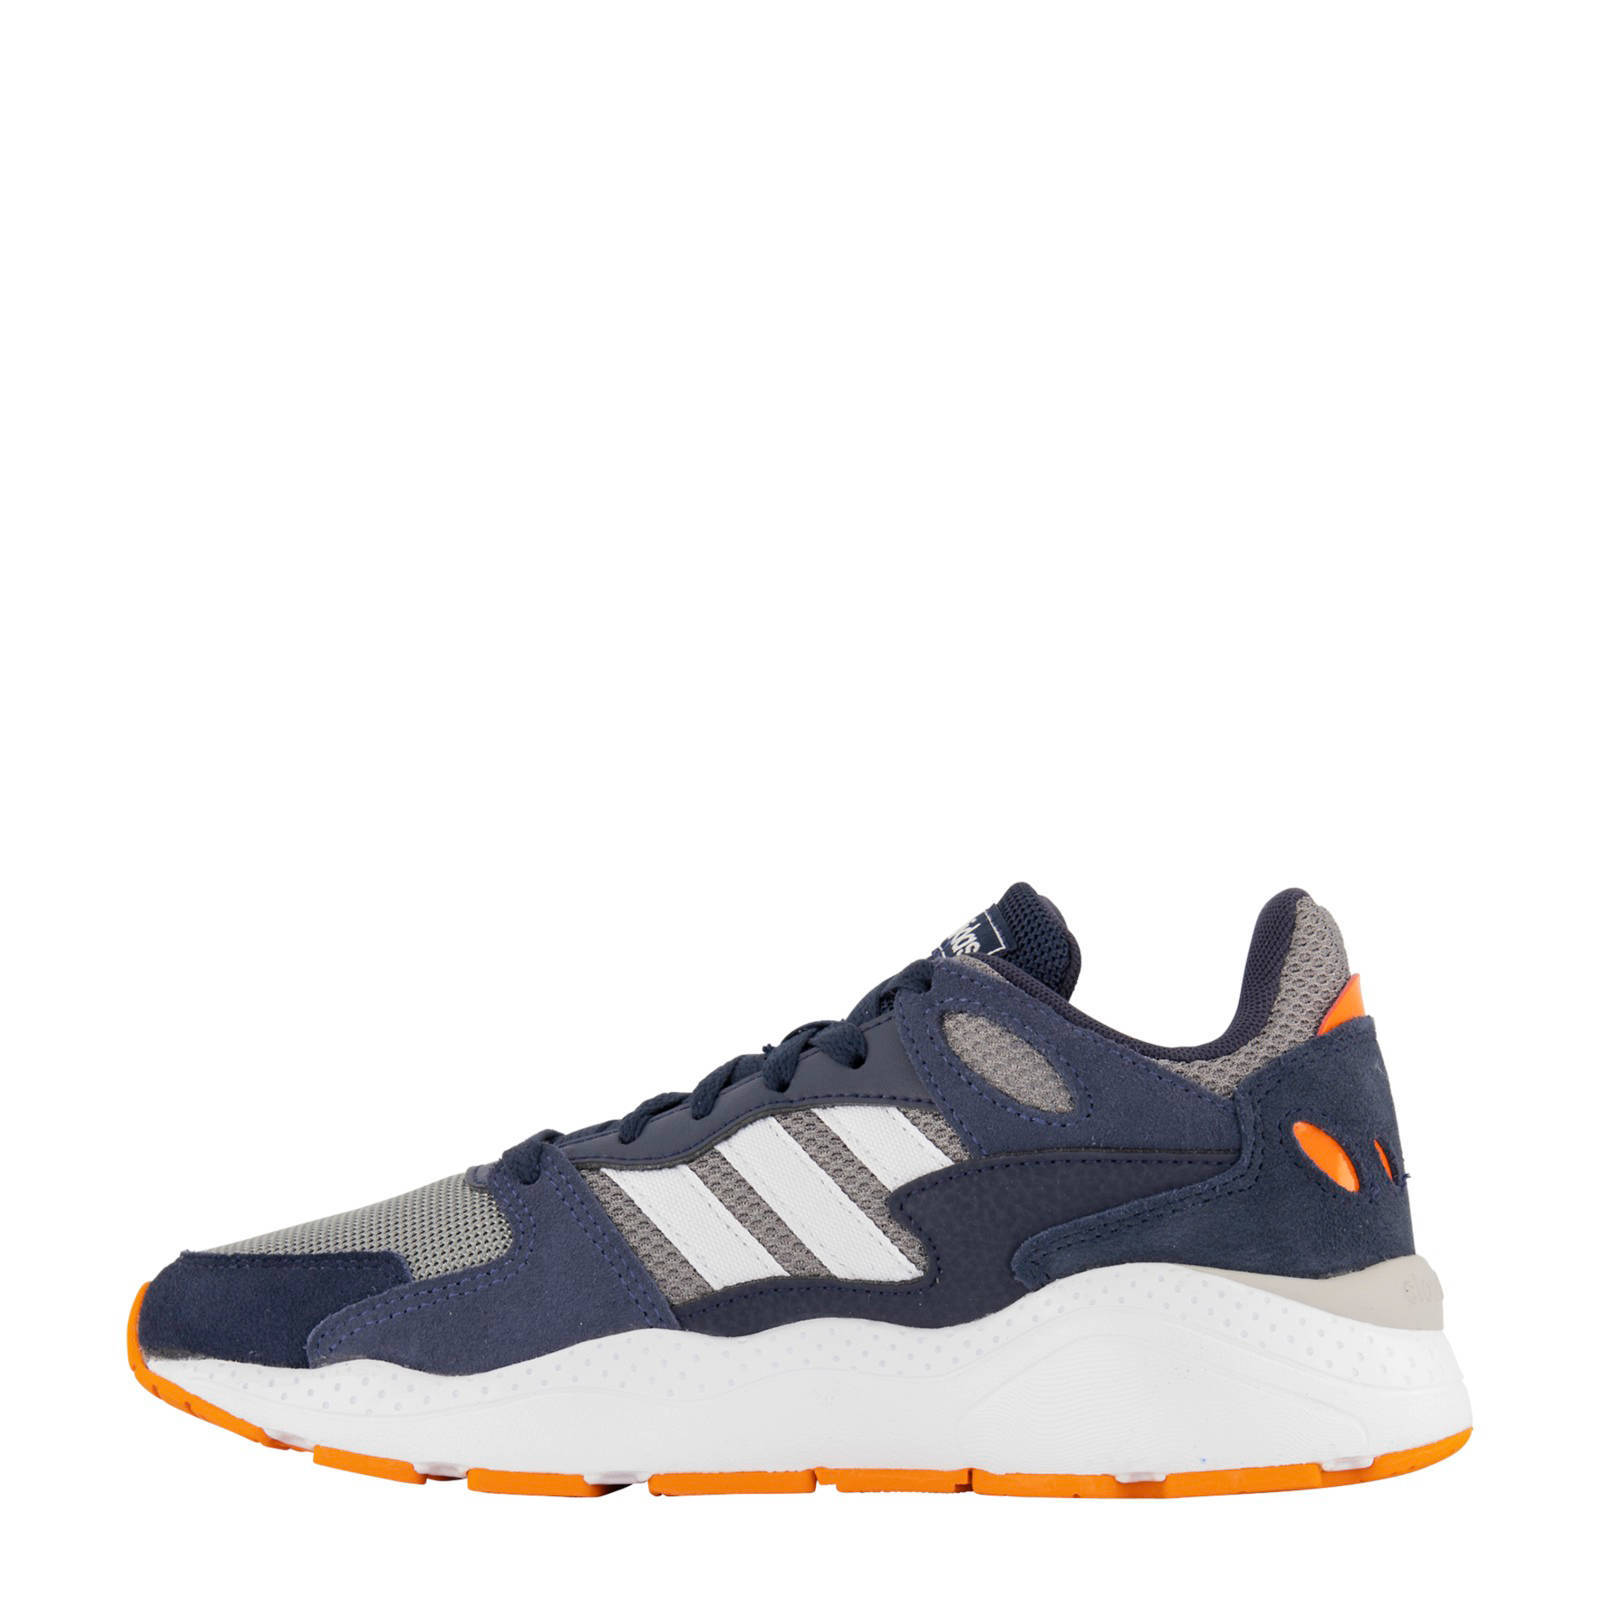 Crazychaos sneakers roodblauw Adidas, Blauw en Nieuwe mode